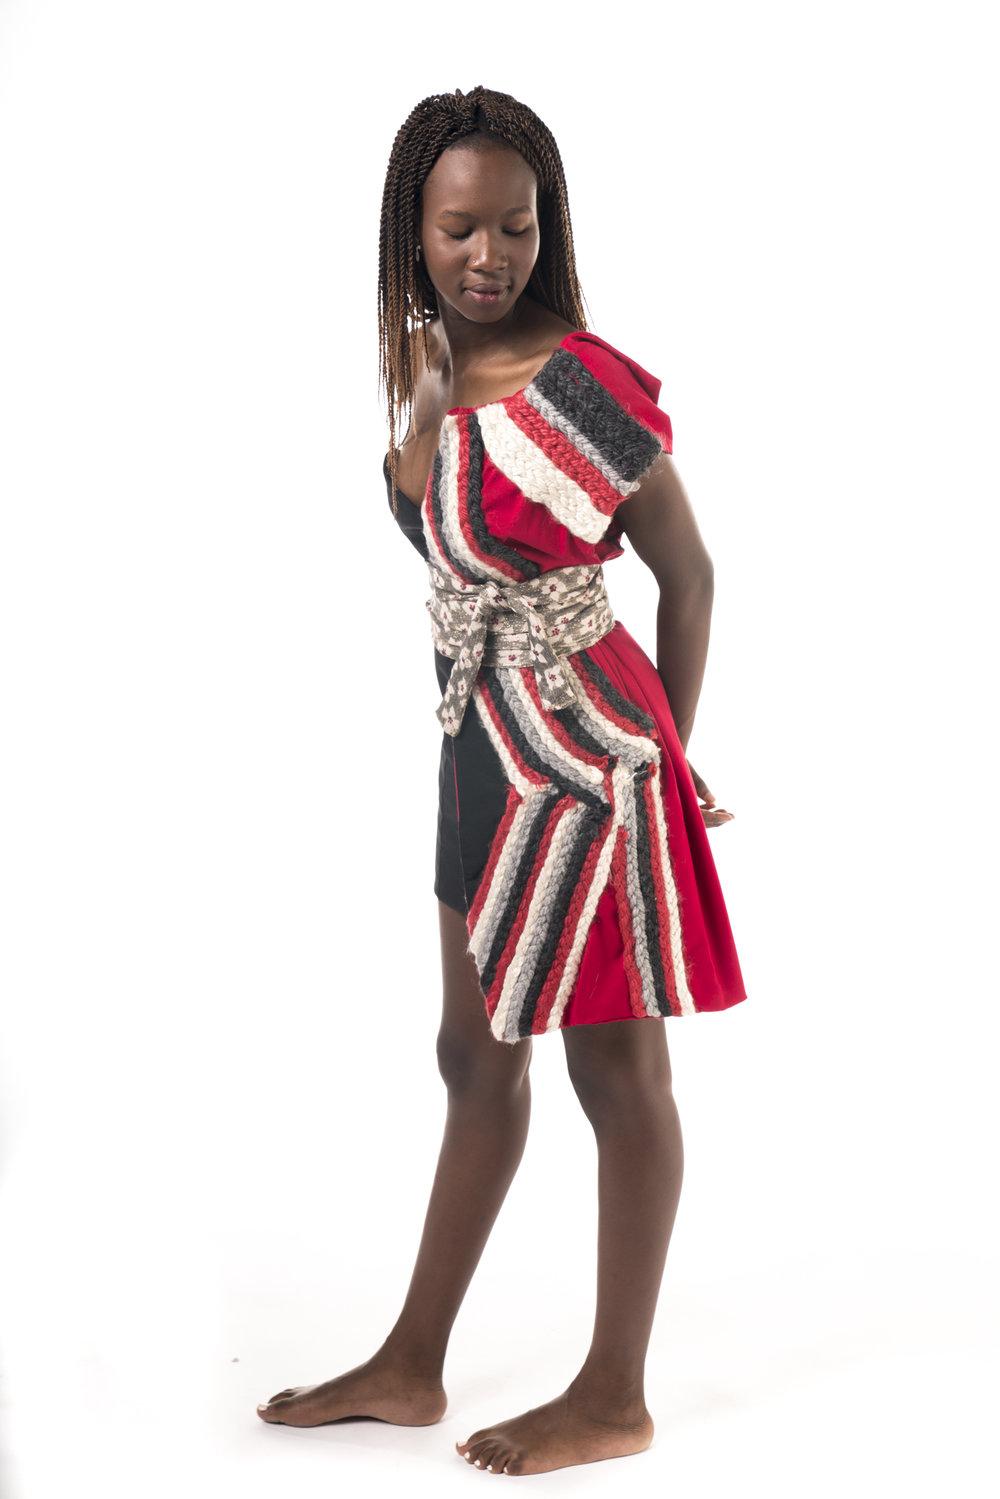 Dubay_Fashion_MinaSmithHodzik_WEB (36 of 89).jpg